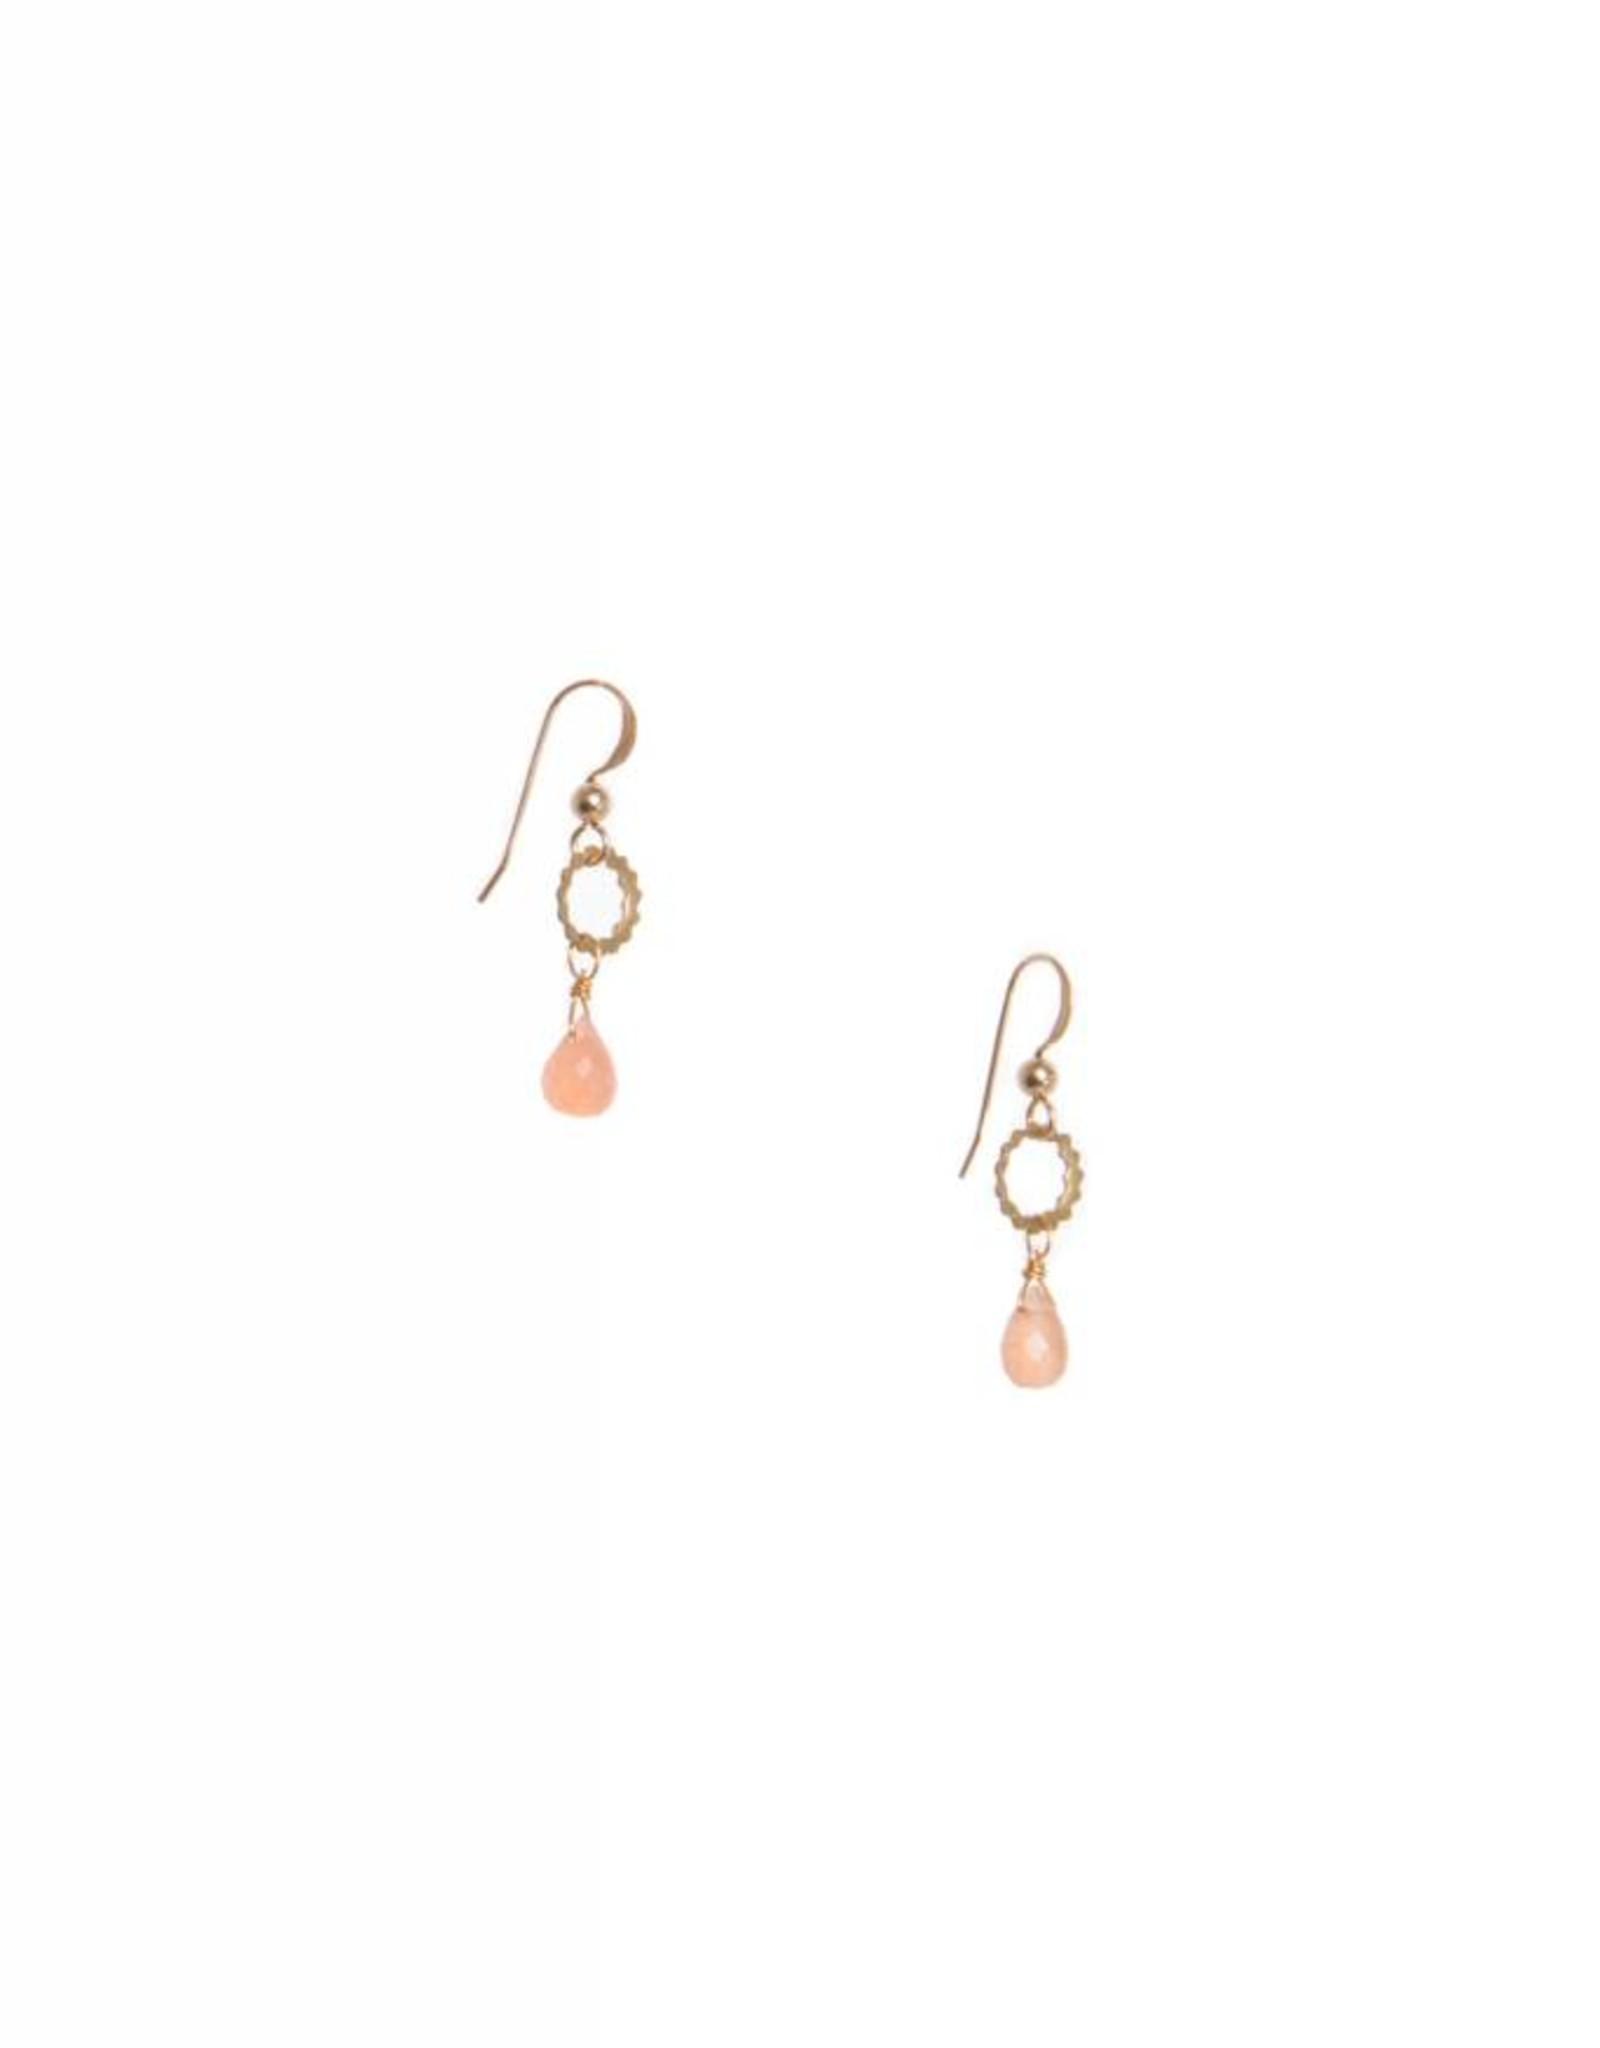 Hailey Gerrits Designs Eos Earrings - Peach Moonstone